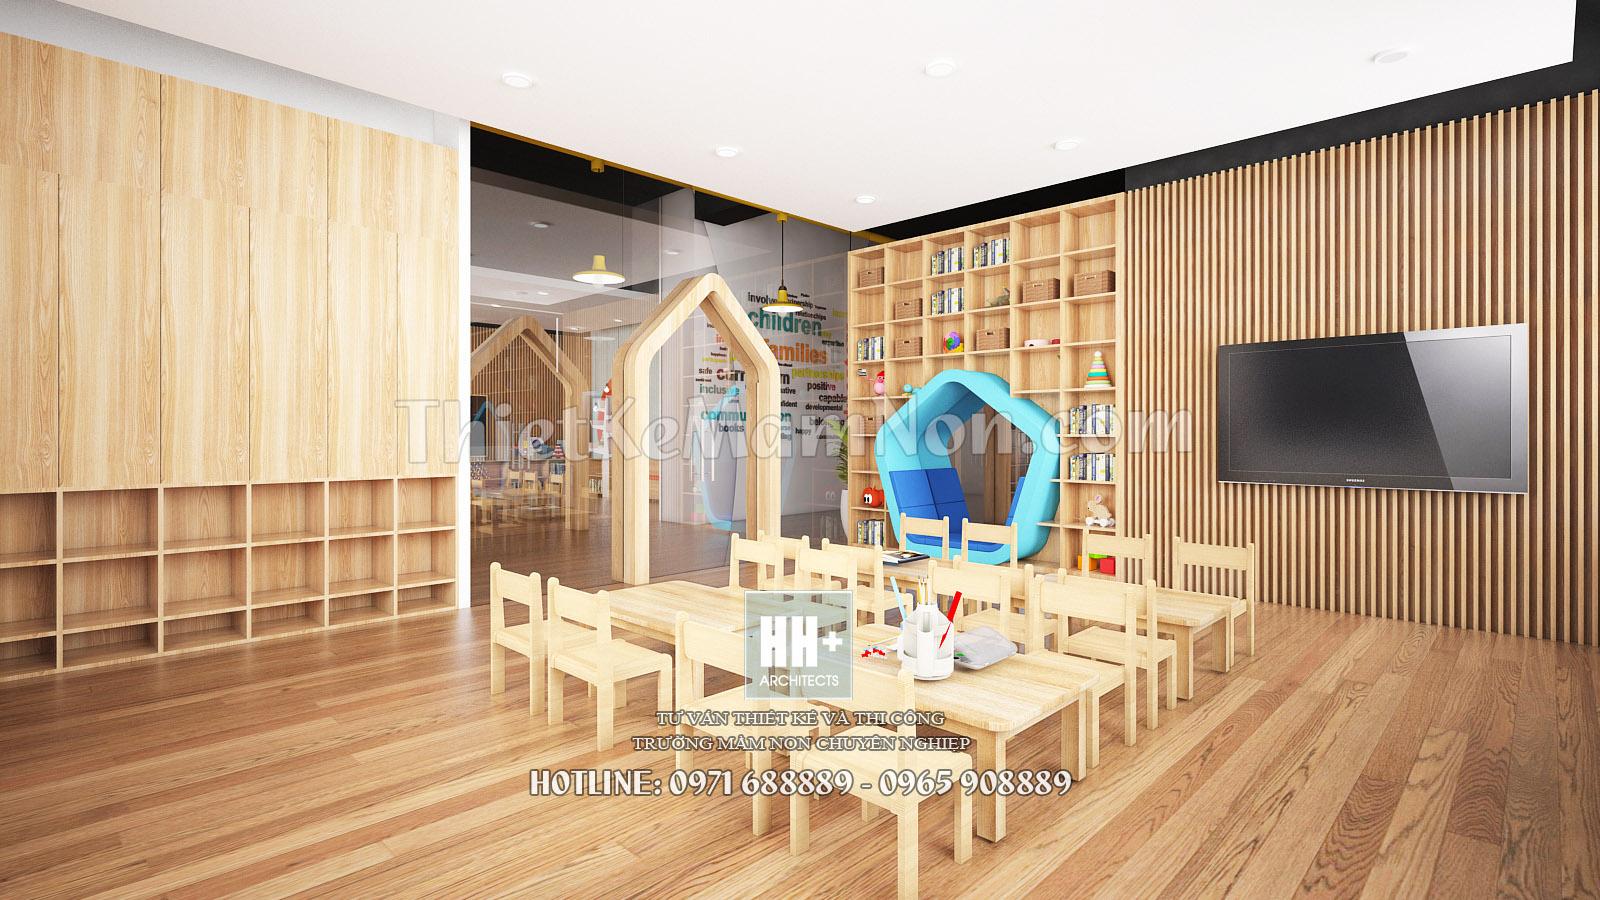 Thiết kế trường mầm non Sunshine thiết kế trường mầm non Thiết kế trường mầm non đẹp đạt chuẩn Lop hoc 2